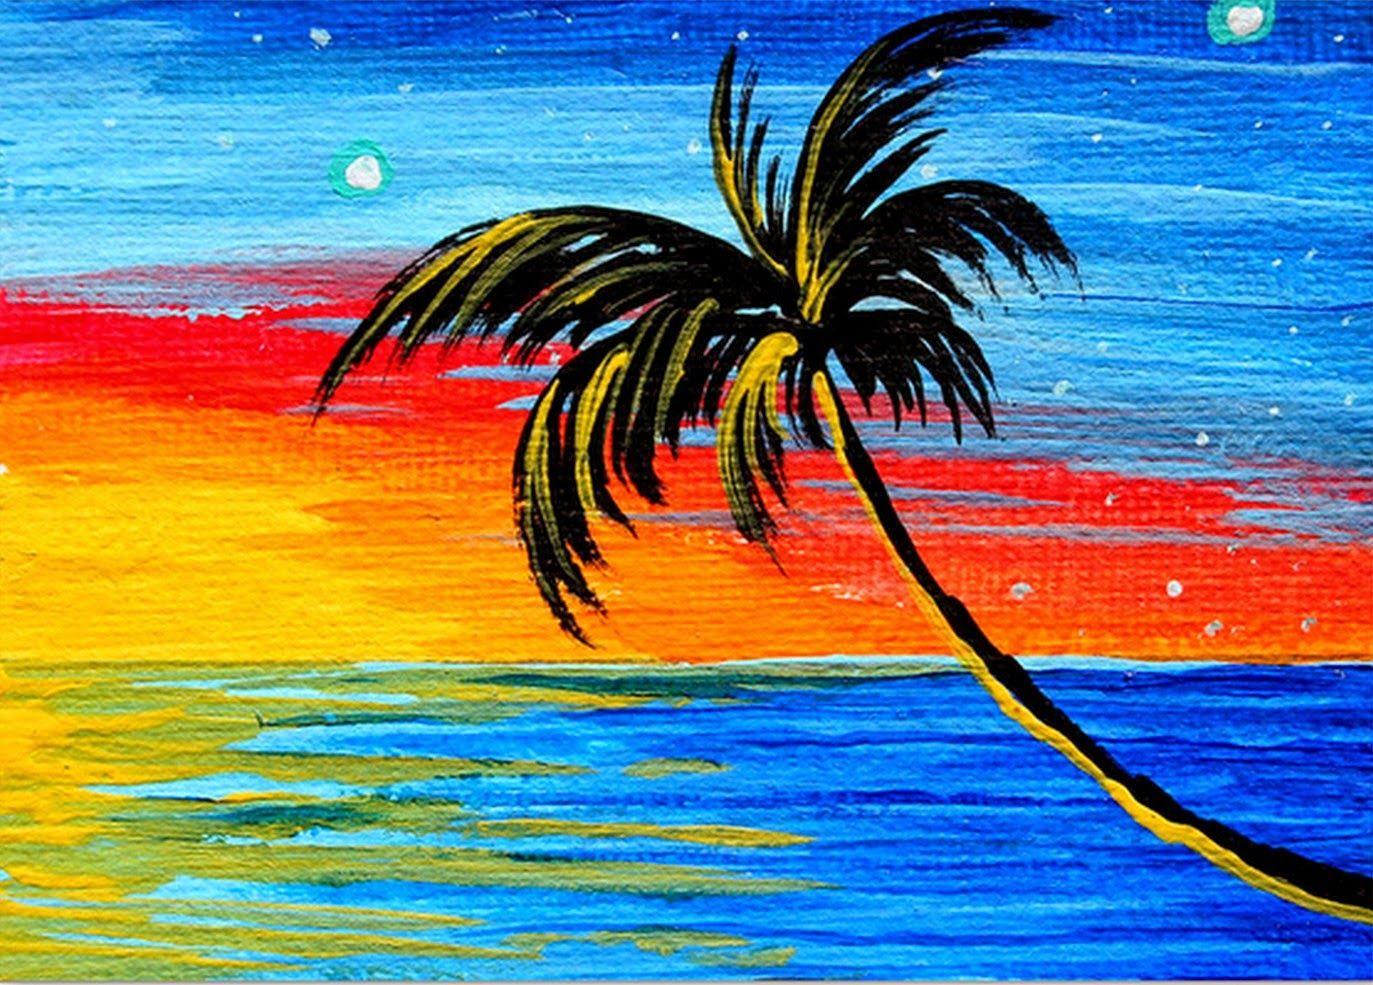 Pintura Moderna Y Fotografía Artística Dibujos Fáciles Para Pintar